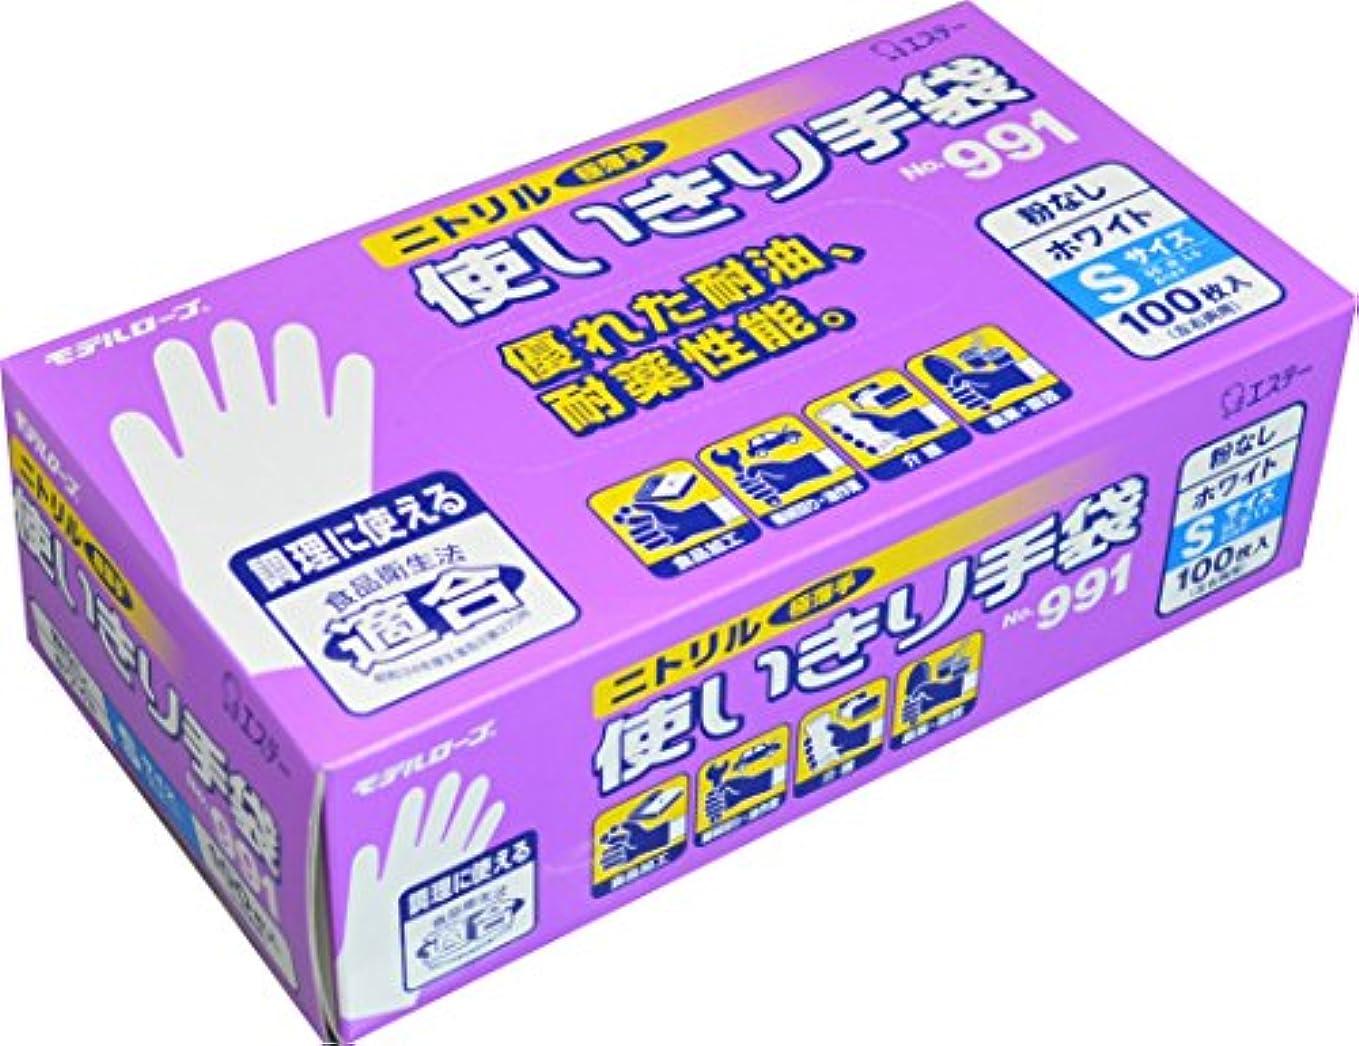 死居間教会モデルローブ NO991 ニトリル使い切り手袋 100枚 ホワイト S